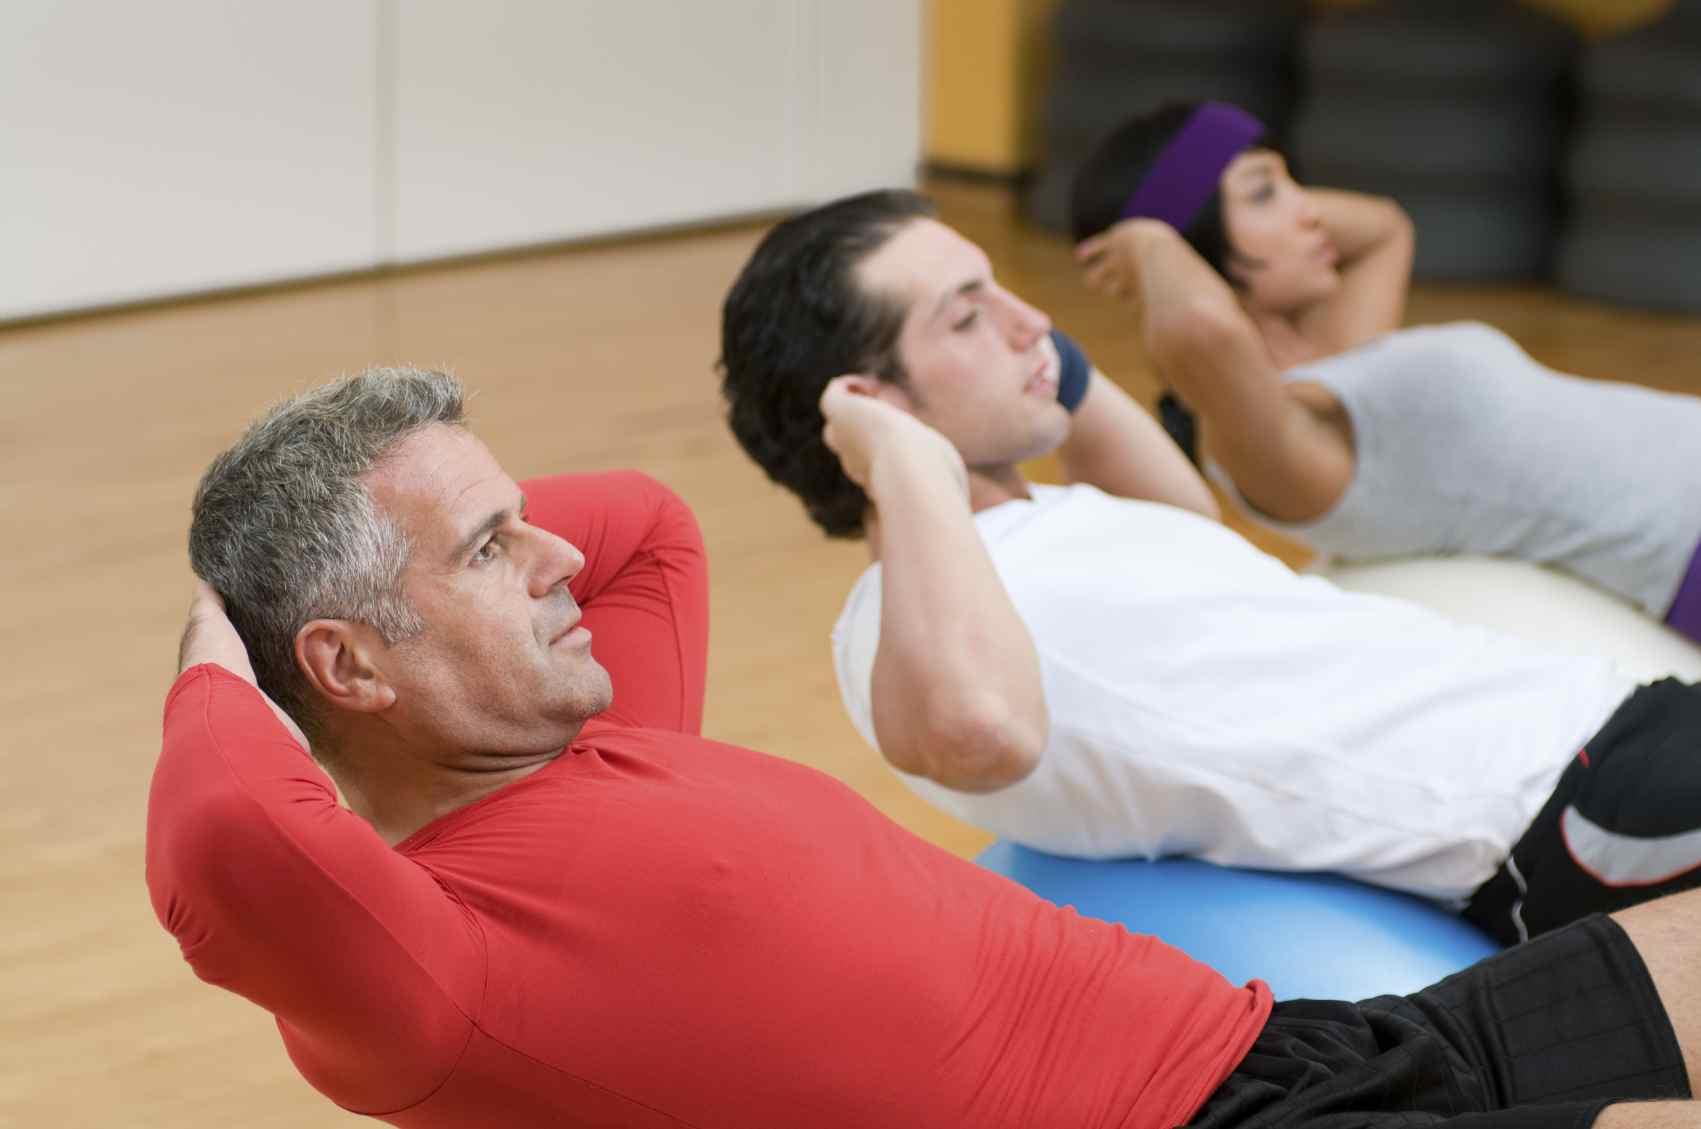 Voer een oefening altijd langzaam en correct uit!